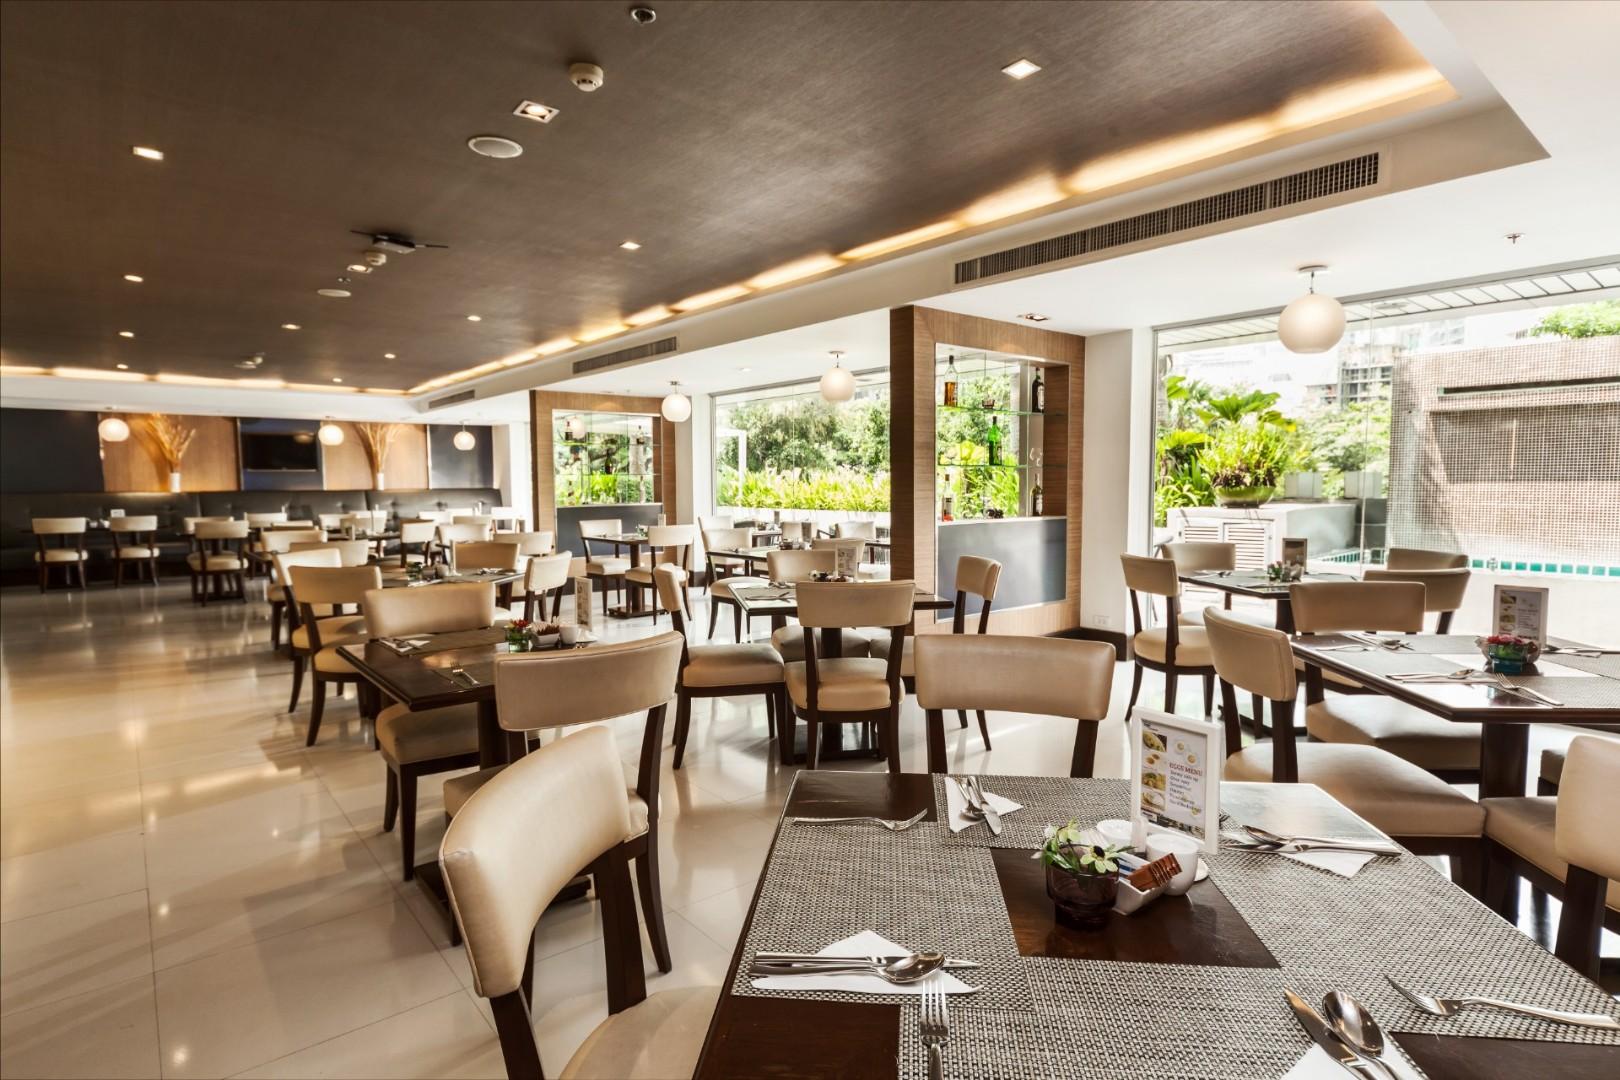 28_Adelphi (Restaurant) (1)_gallery.jpg